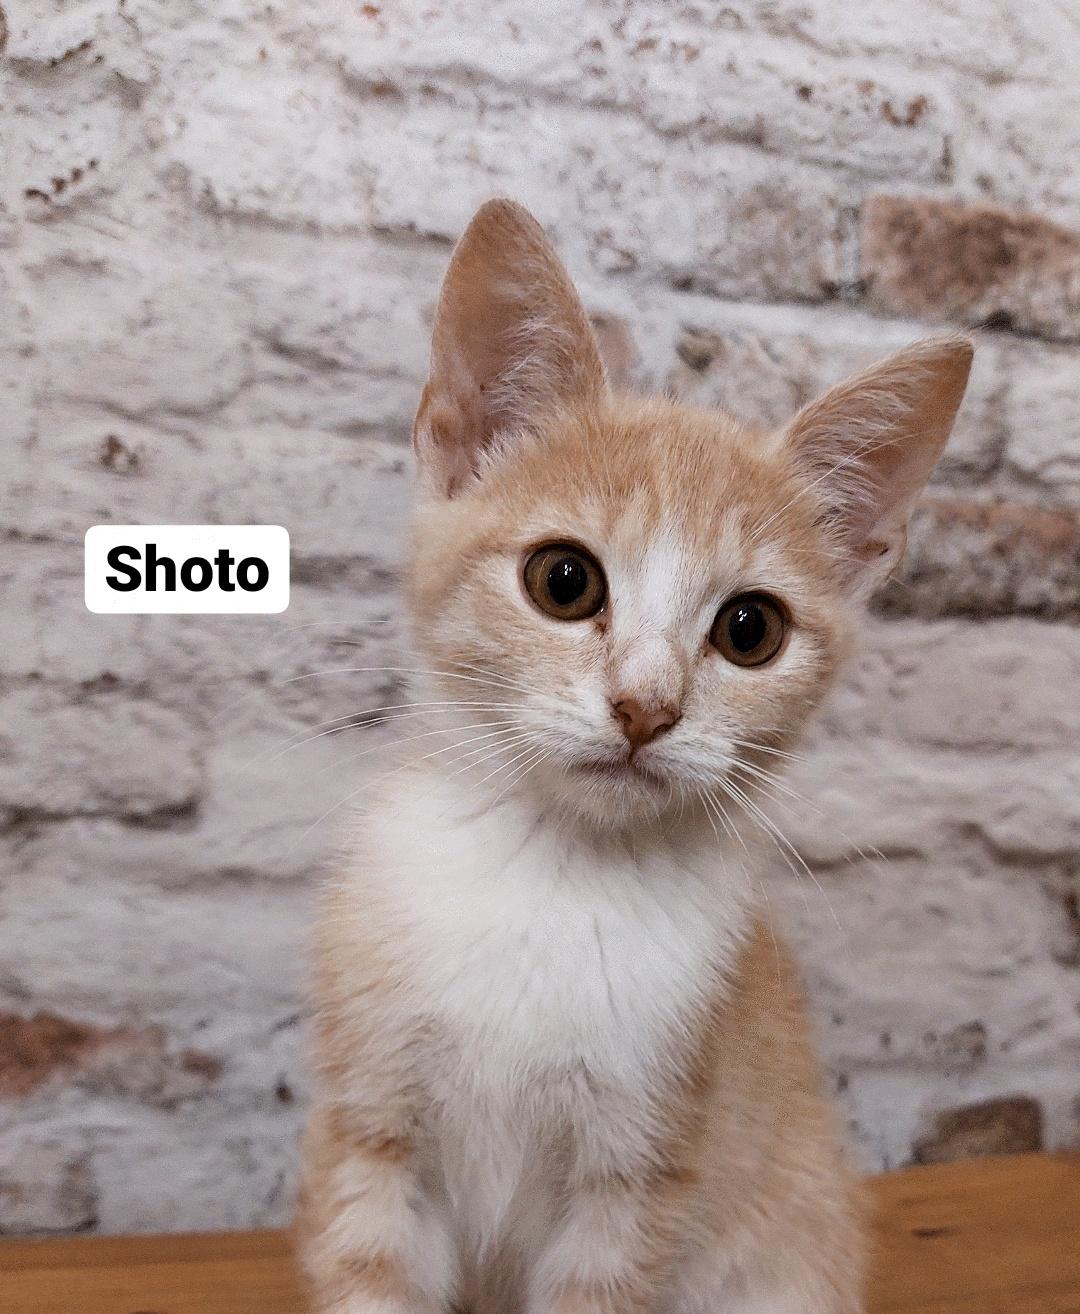 Shoto